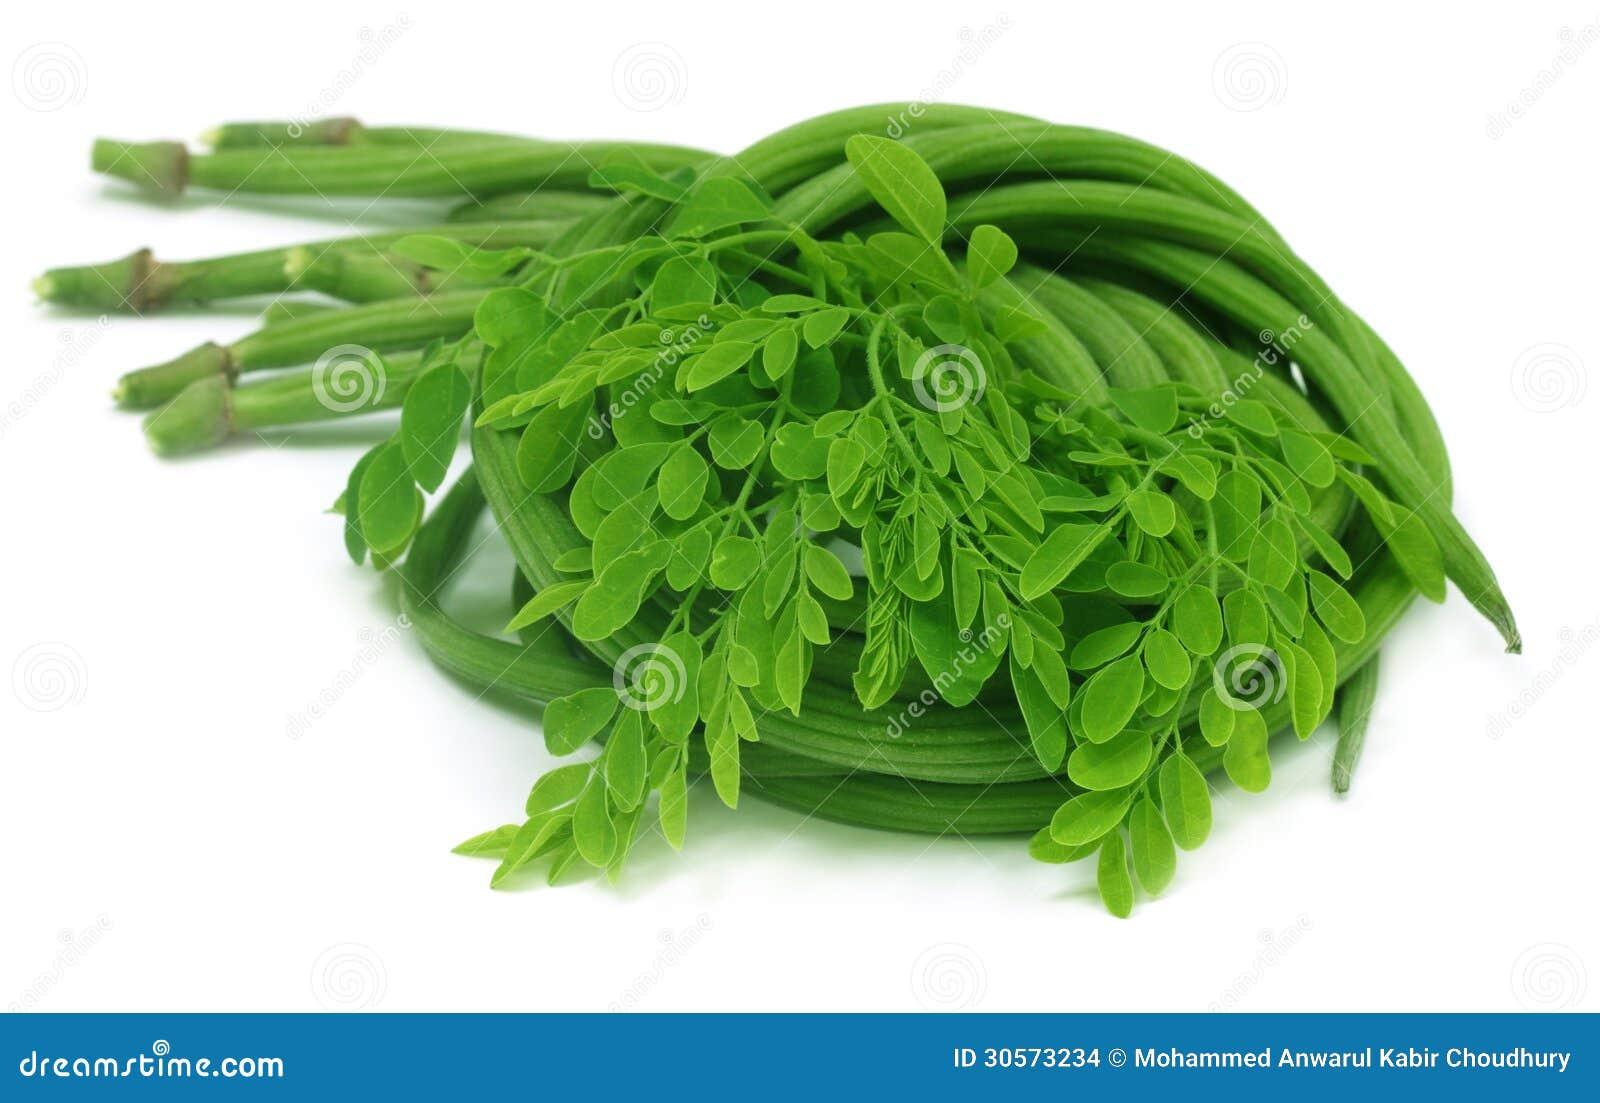 Moringa.oleifera oder sonjna mit frischen Blättern